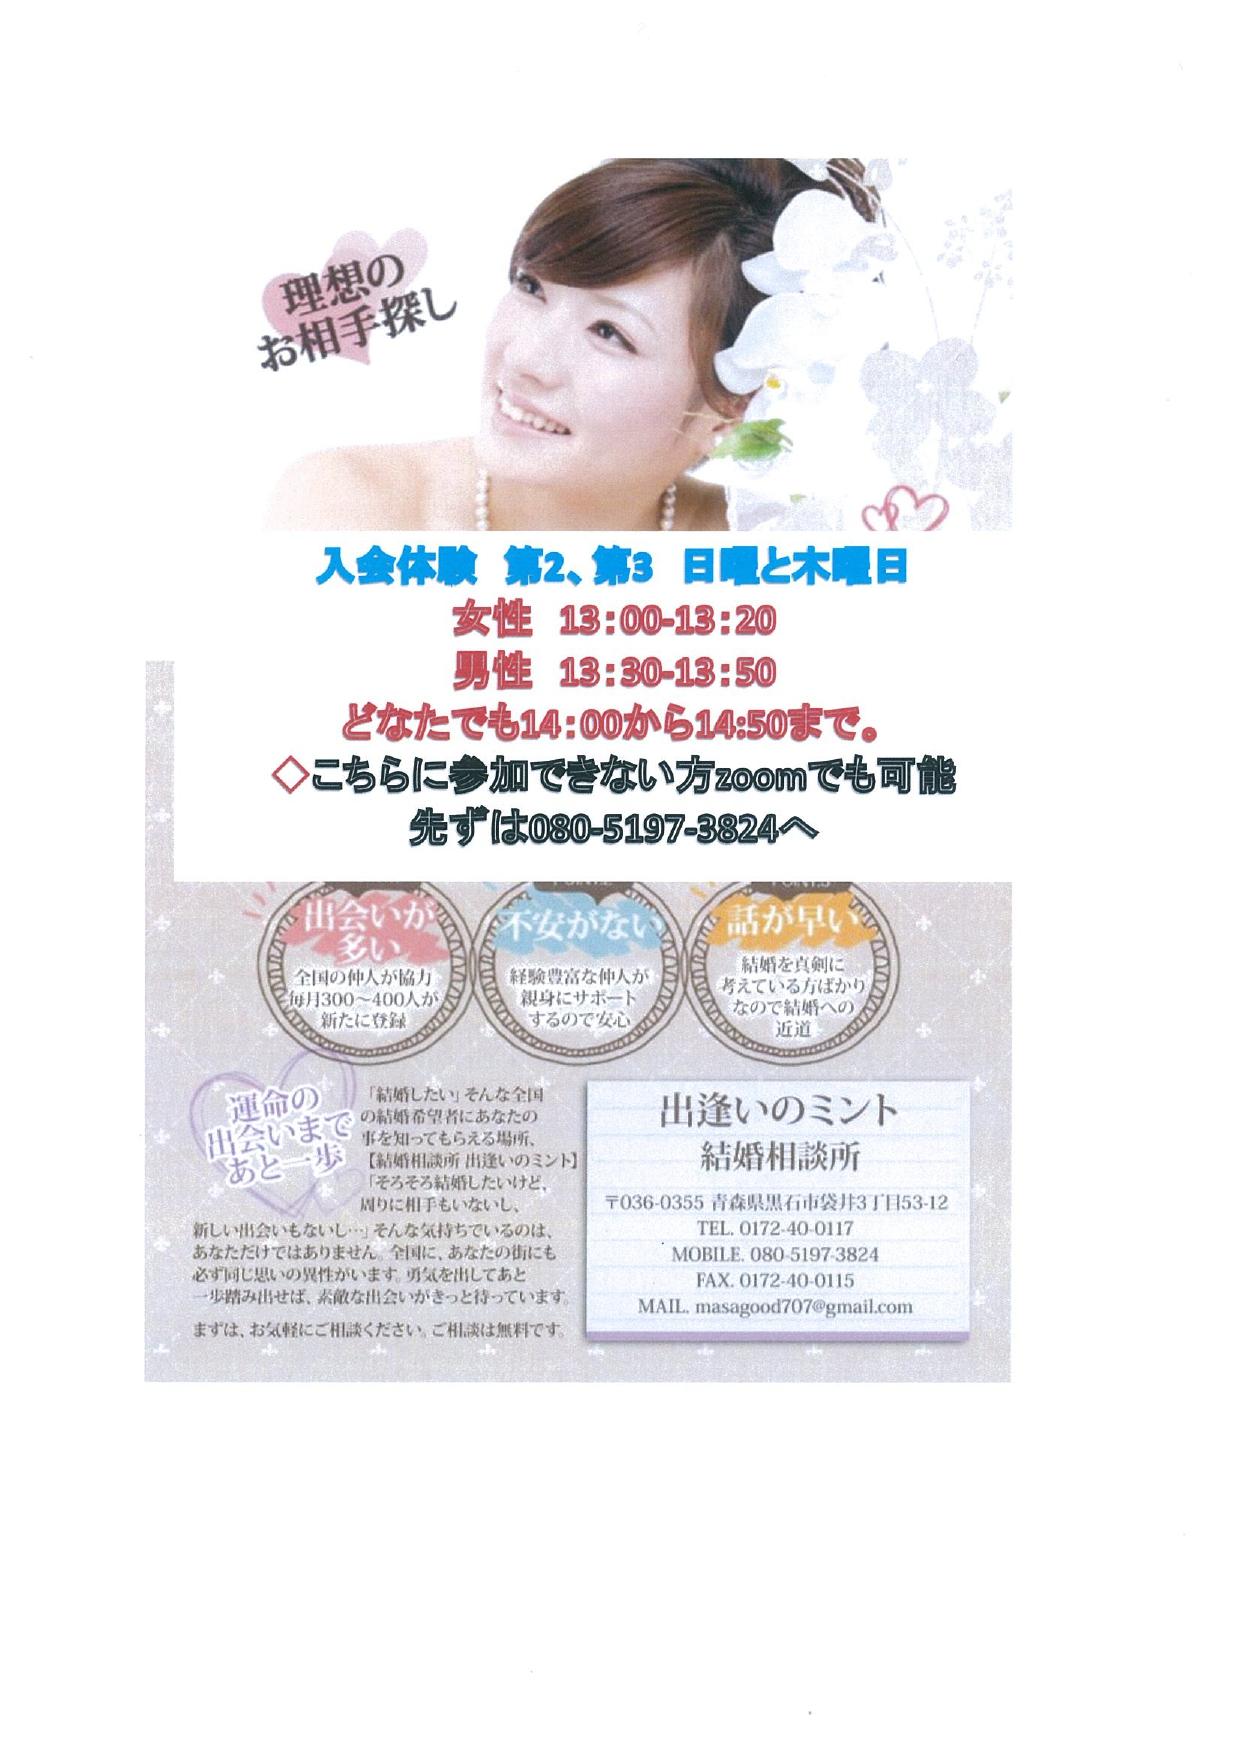 出逢いのミント結婚相談所_page-0001.jpg